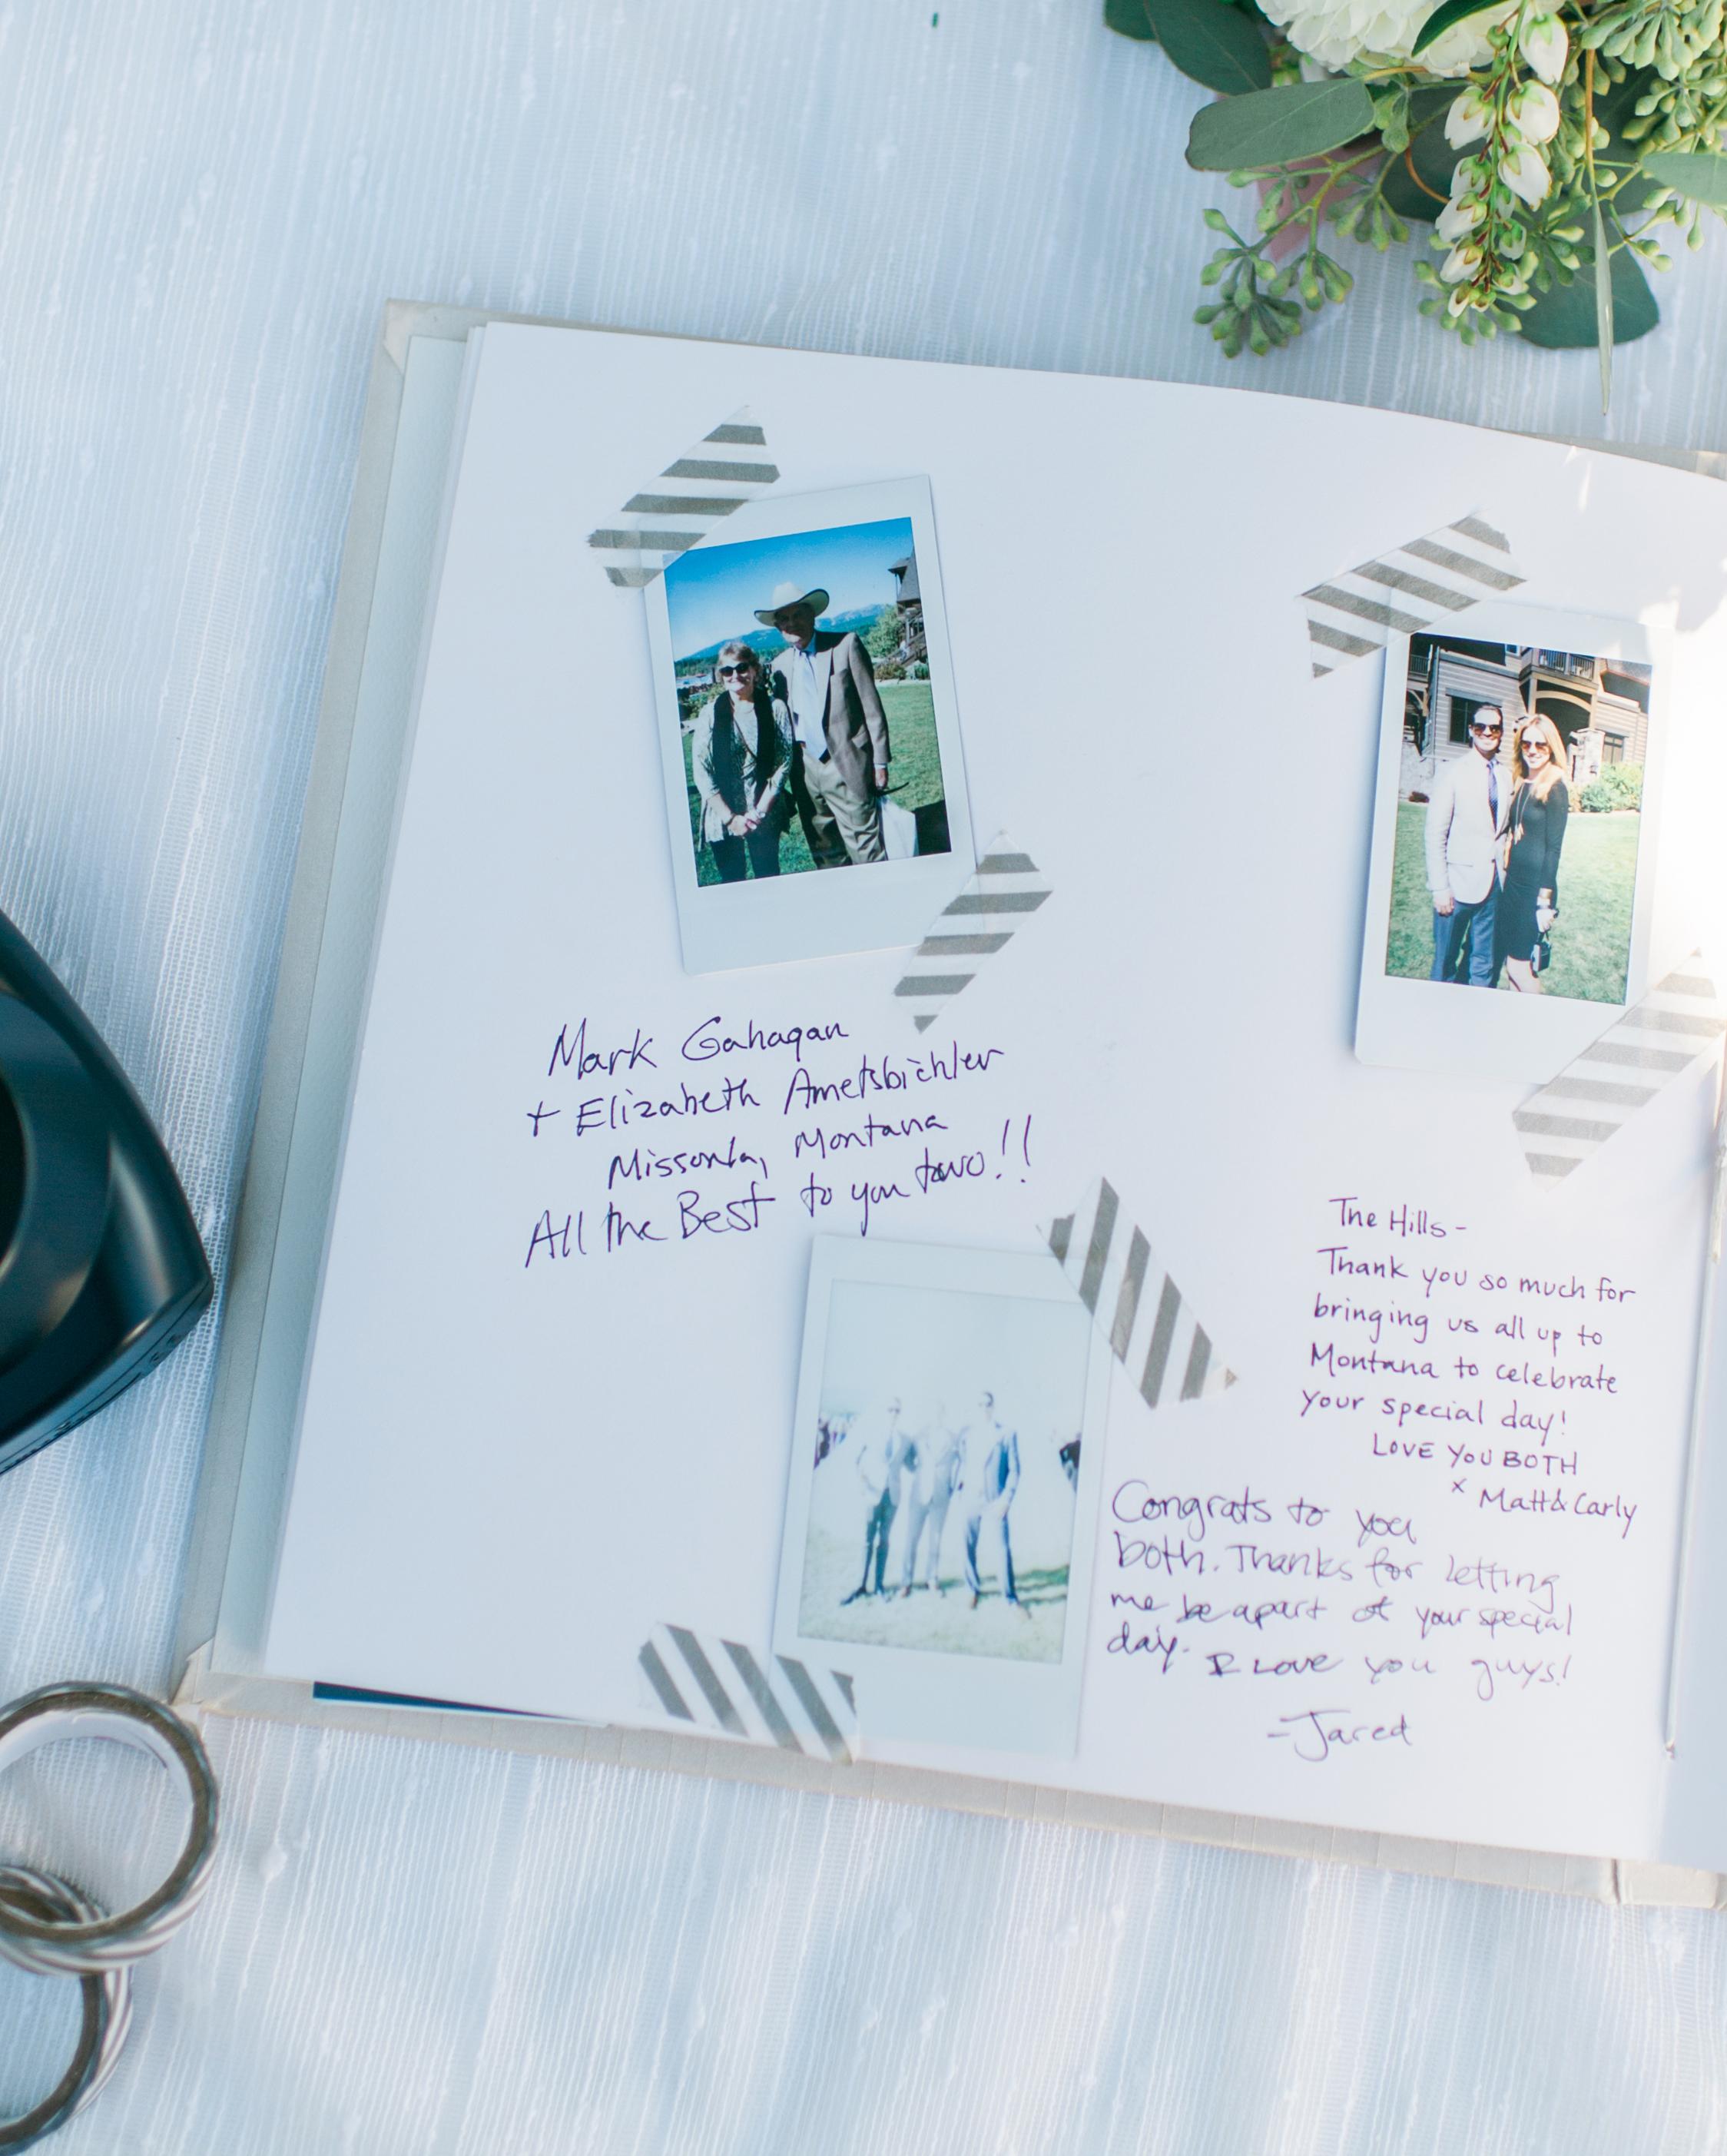 robin-kenny-wedding-guesbtook-105-s112068-0715.jpg